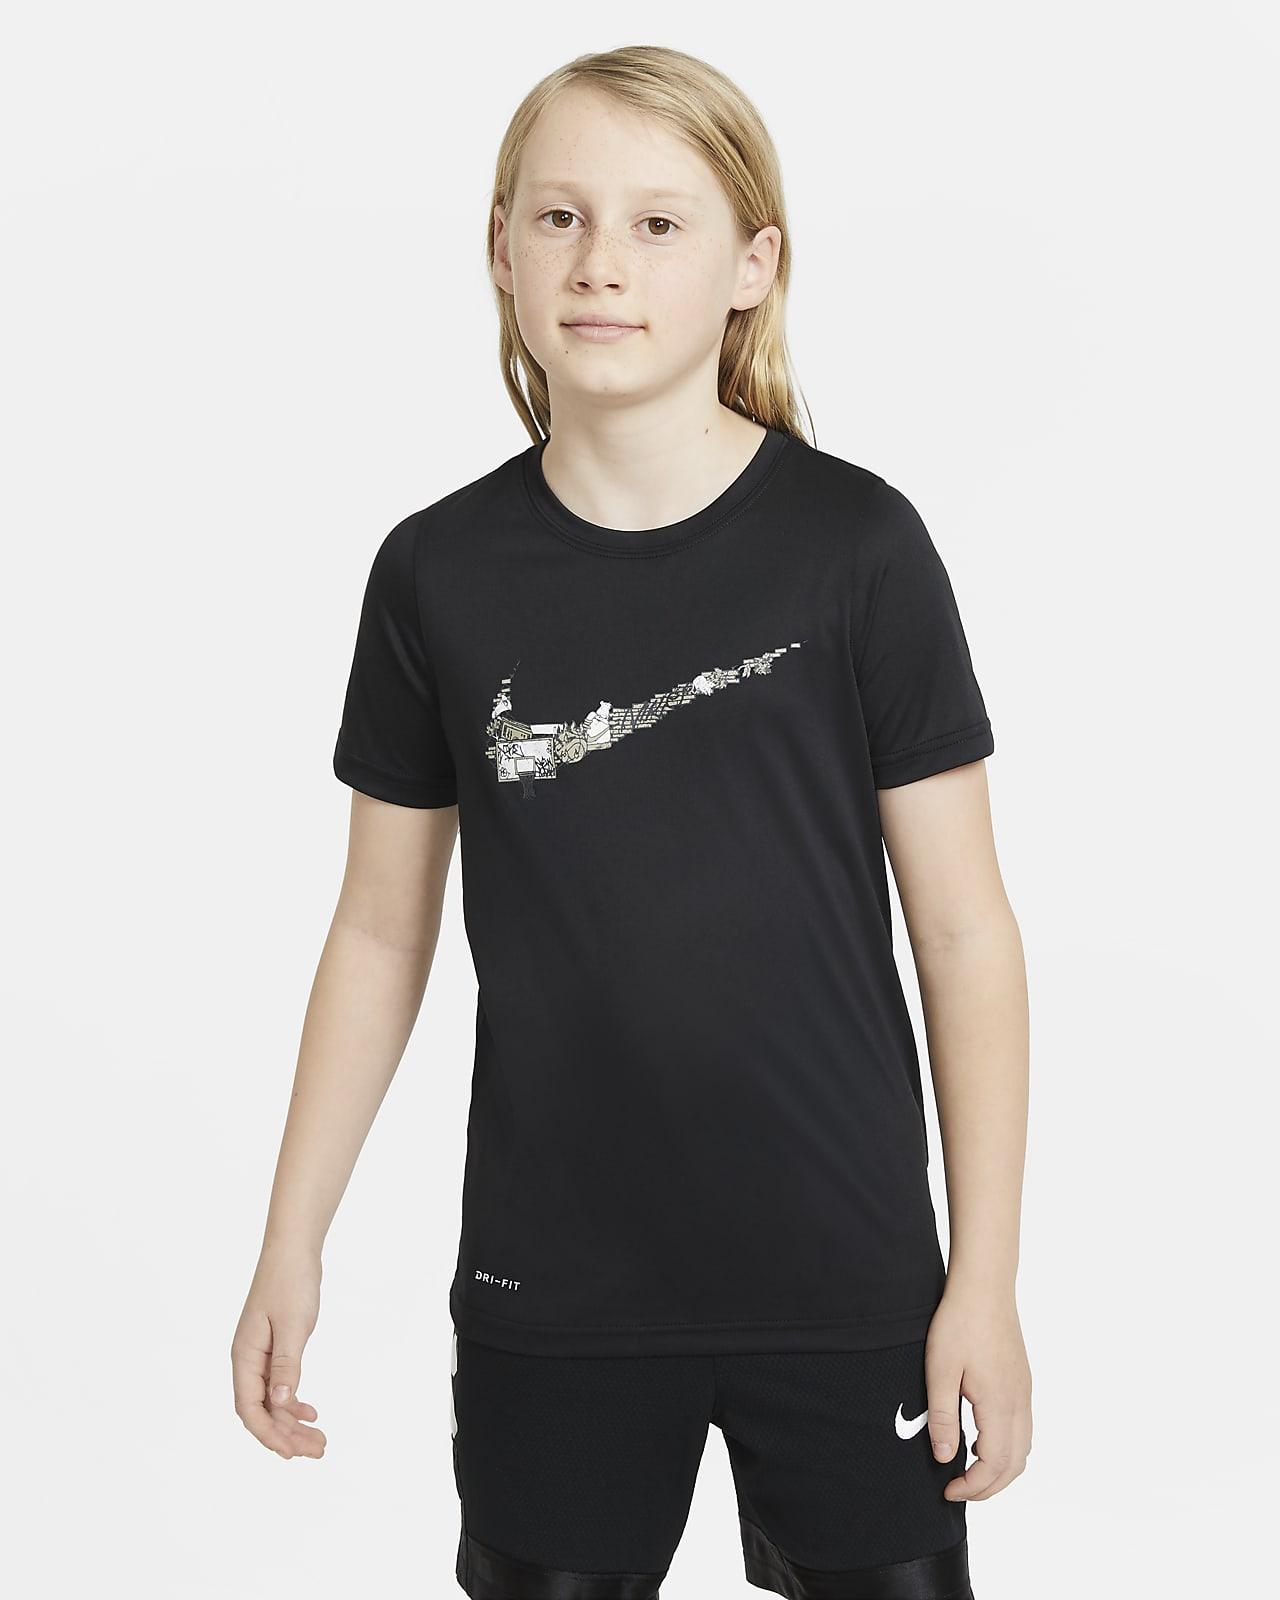 Nike Dri-FIT trenings-T-skjorte til store barn (gutt)